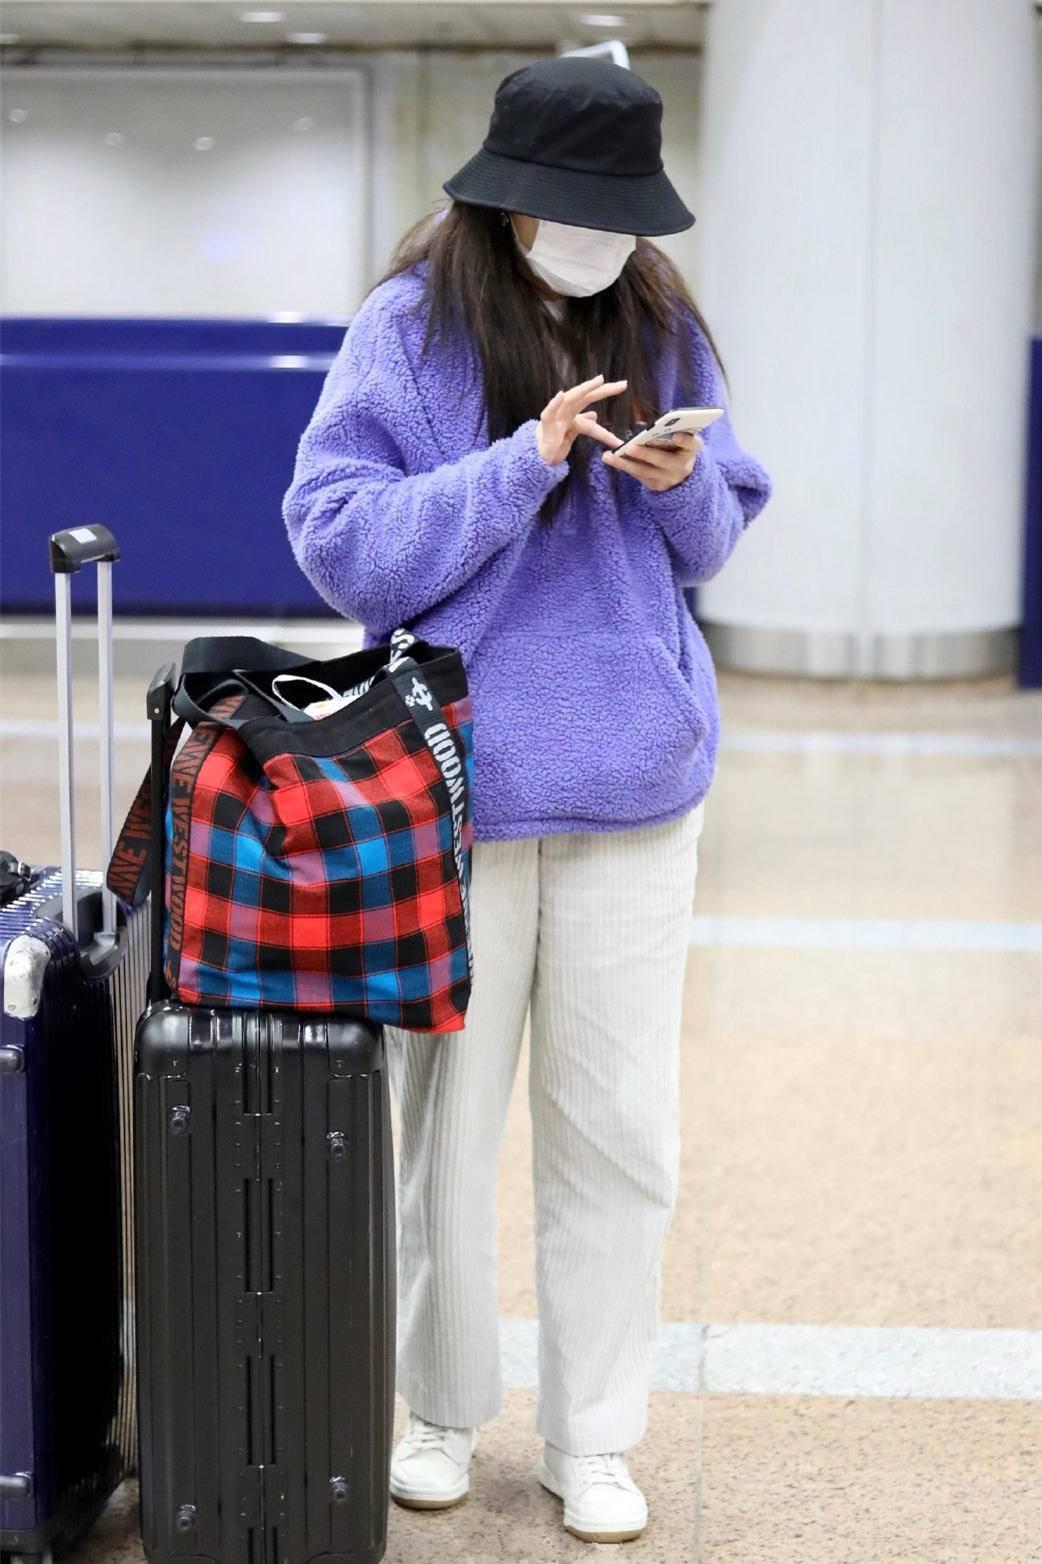 「紫卫衣」紫卫衣搭白裤显青春范,容貌气质不输章子怡,44岁曾黎私服好清新